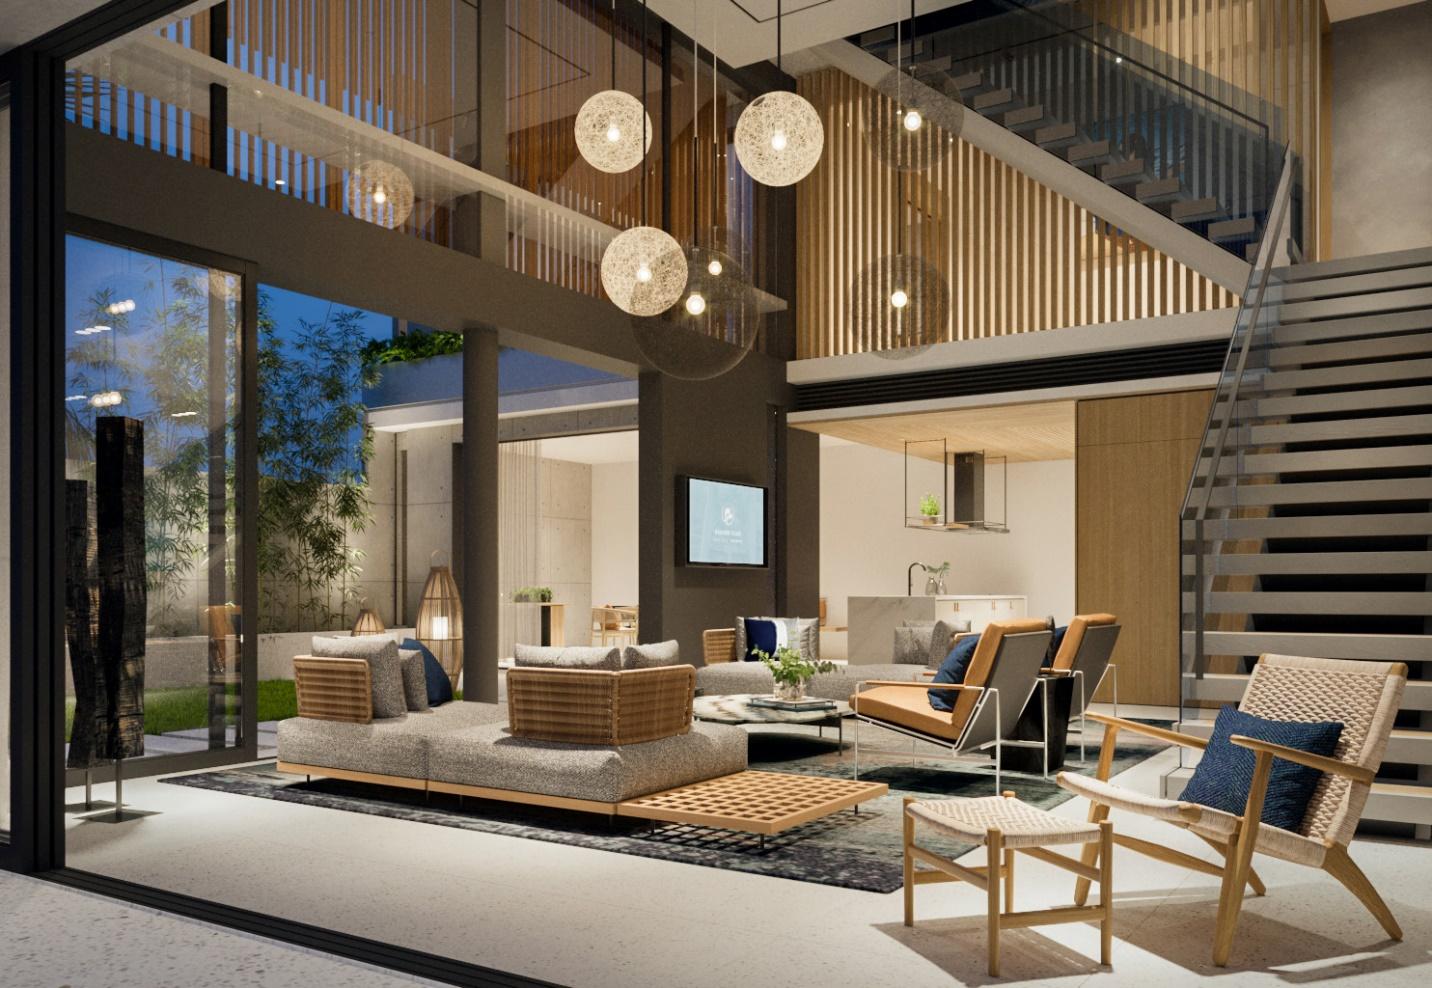 Thêm một dự án bất động sản nghỉ dưỡng hàng hiệu tại miền Bắc - Ảnh 4.